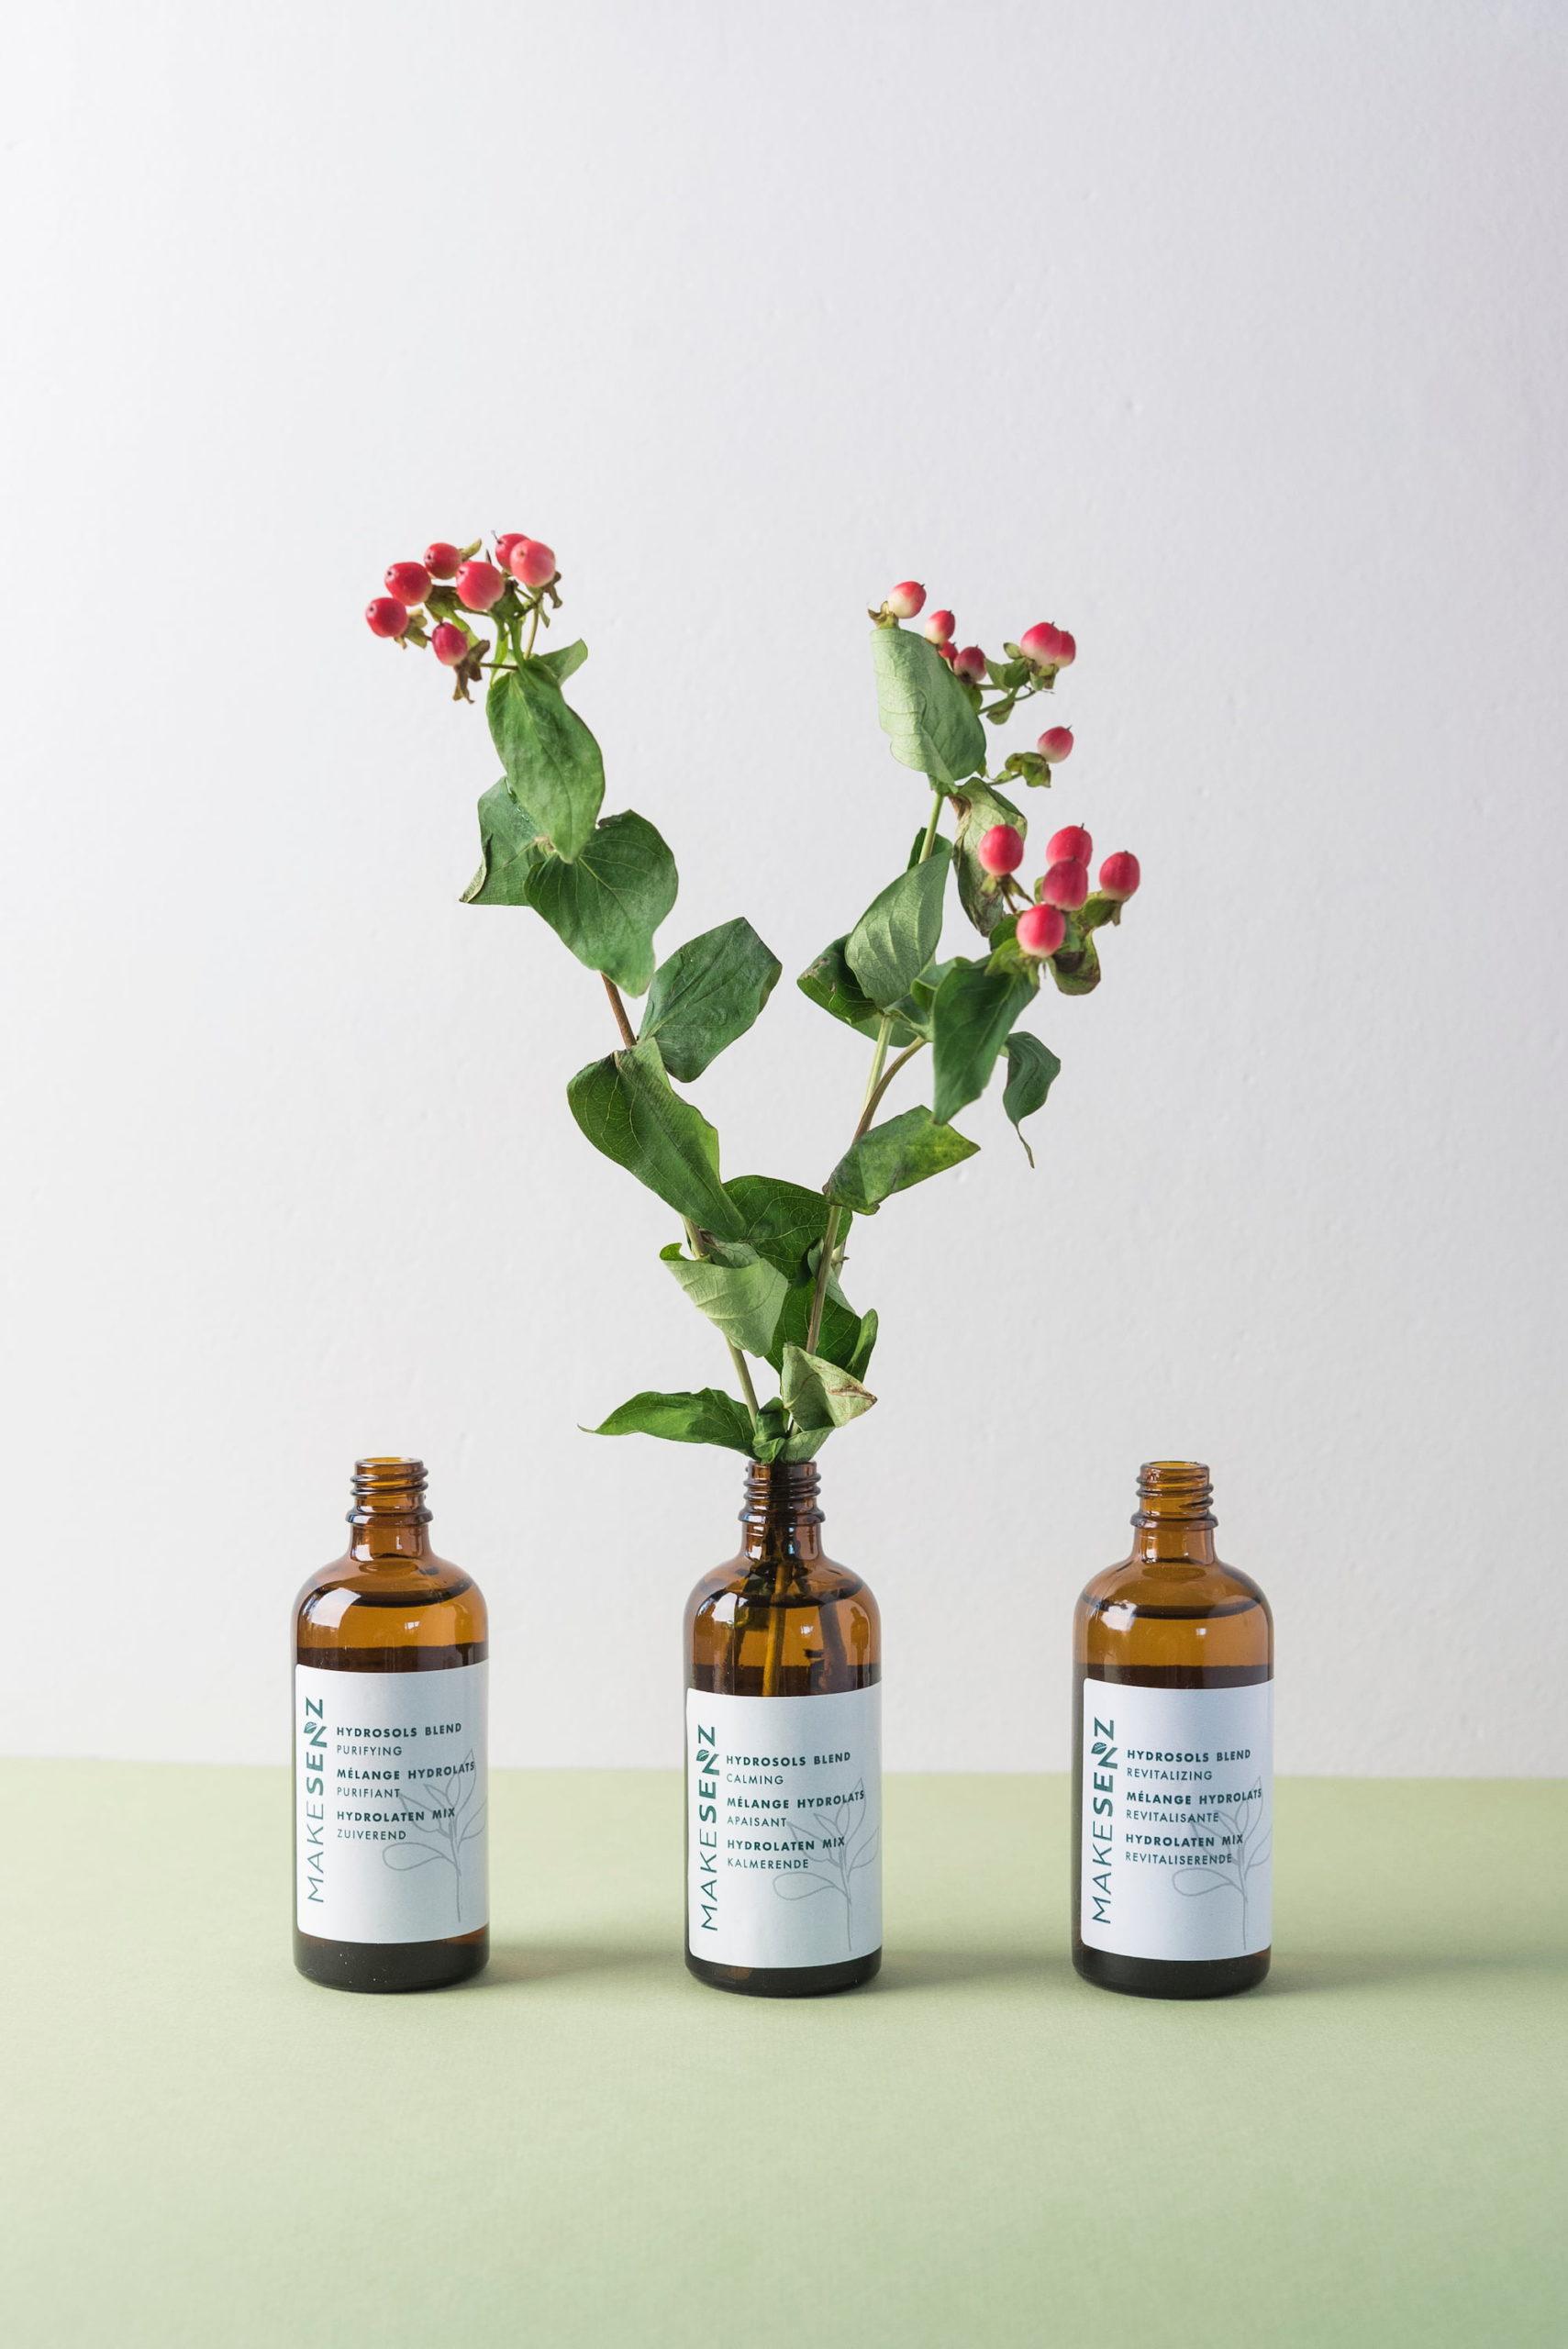 makesenz hydrolats gemaakt in het labo bij be-here in laken